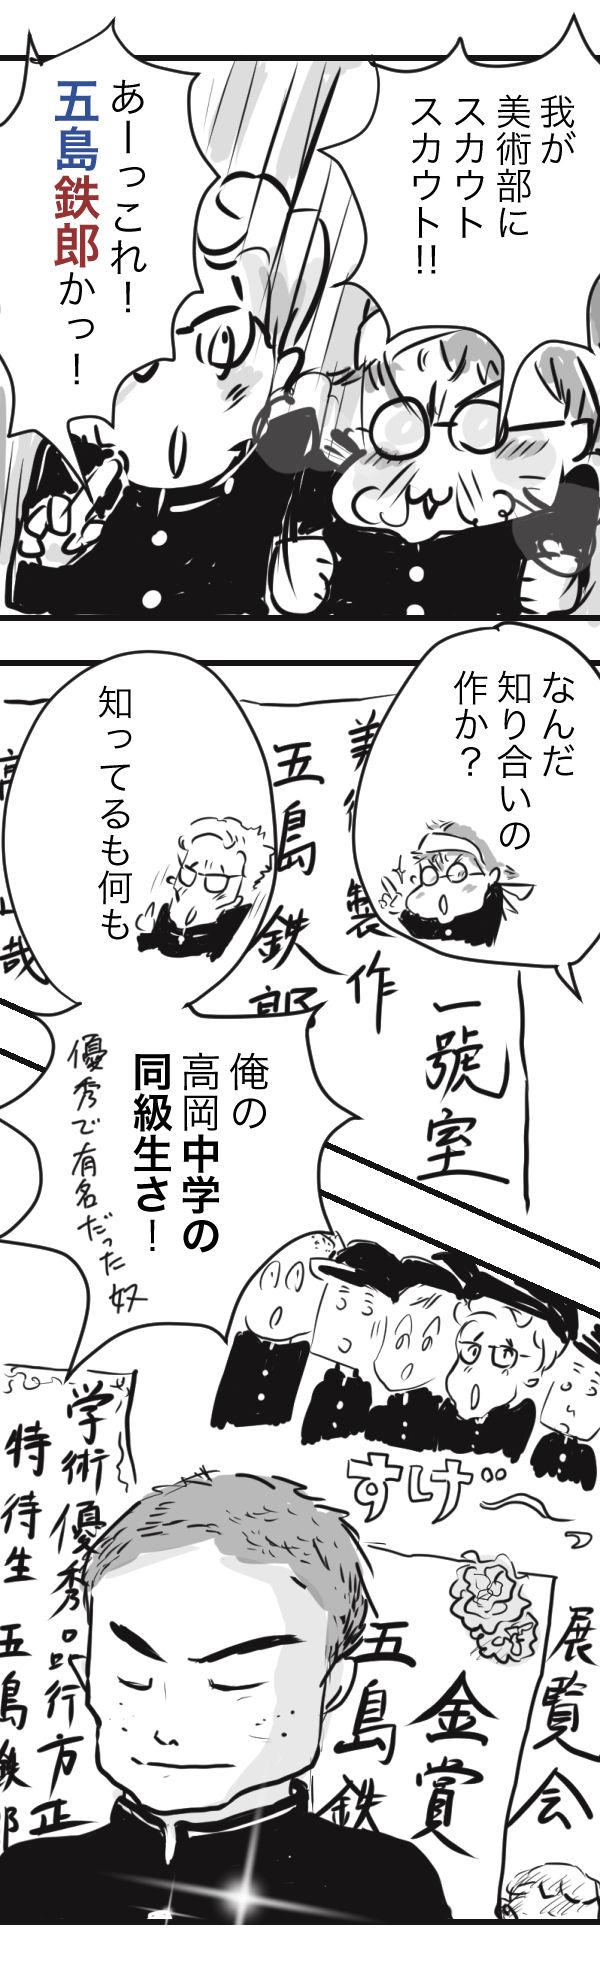 山田 金沢 4−4−2